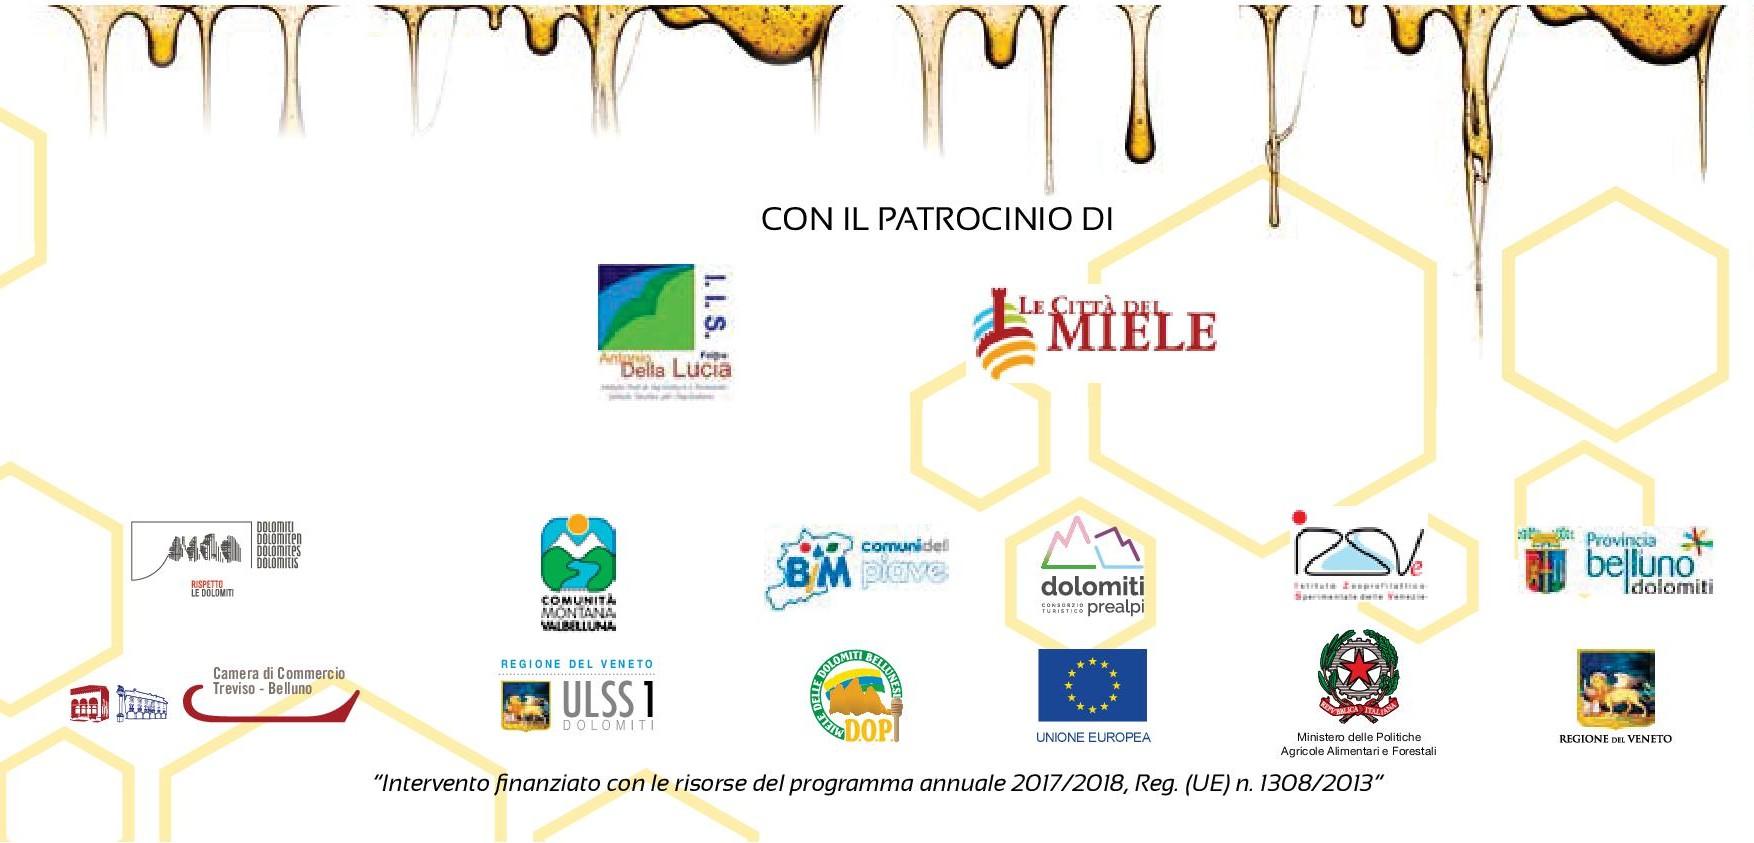 Invito-Convegno-LPDMiele2017-pag4